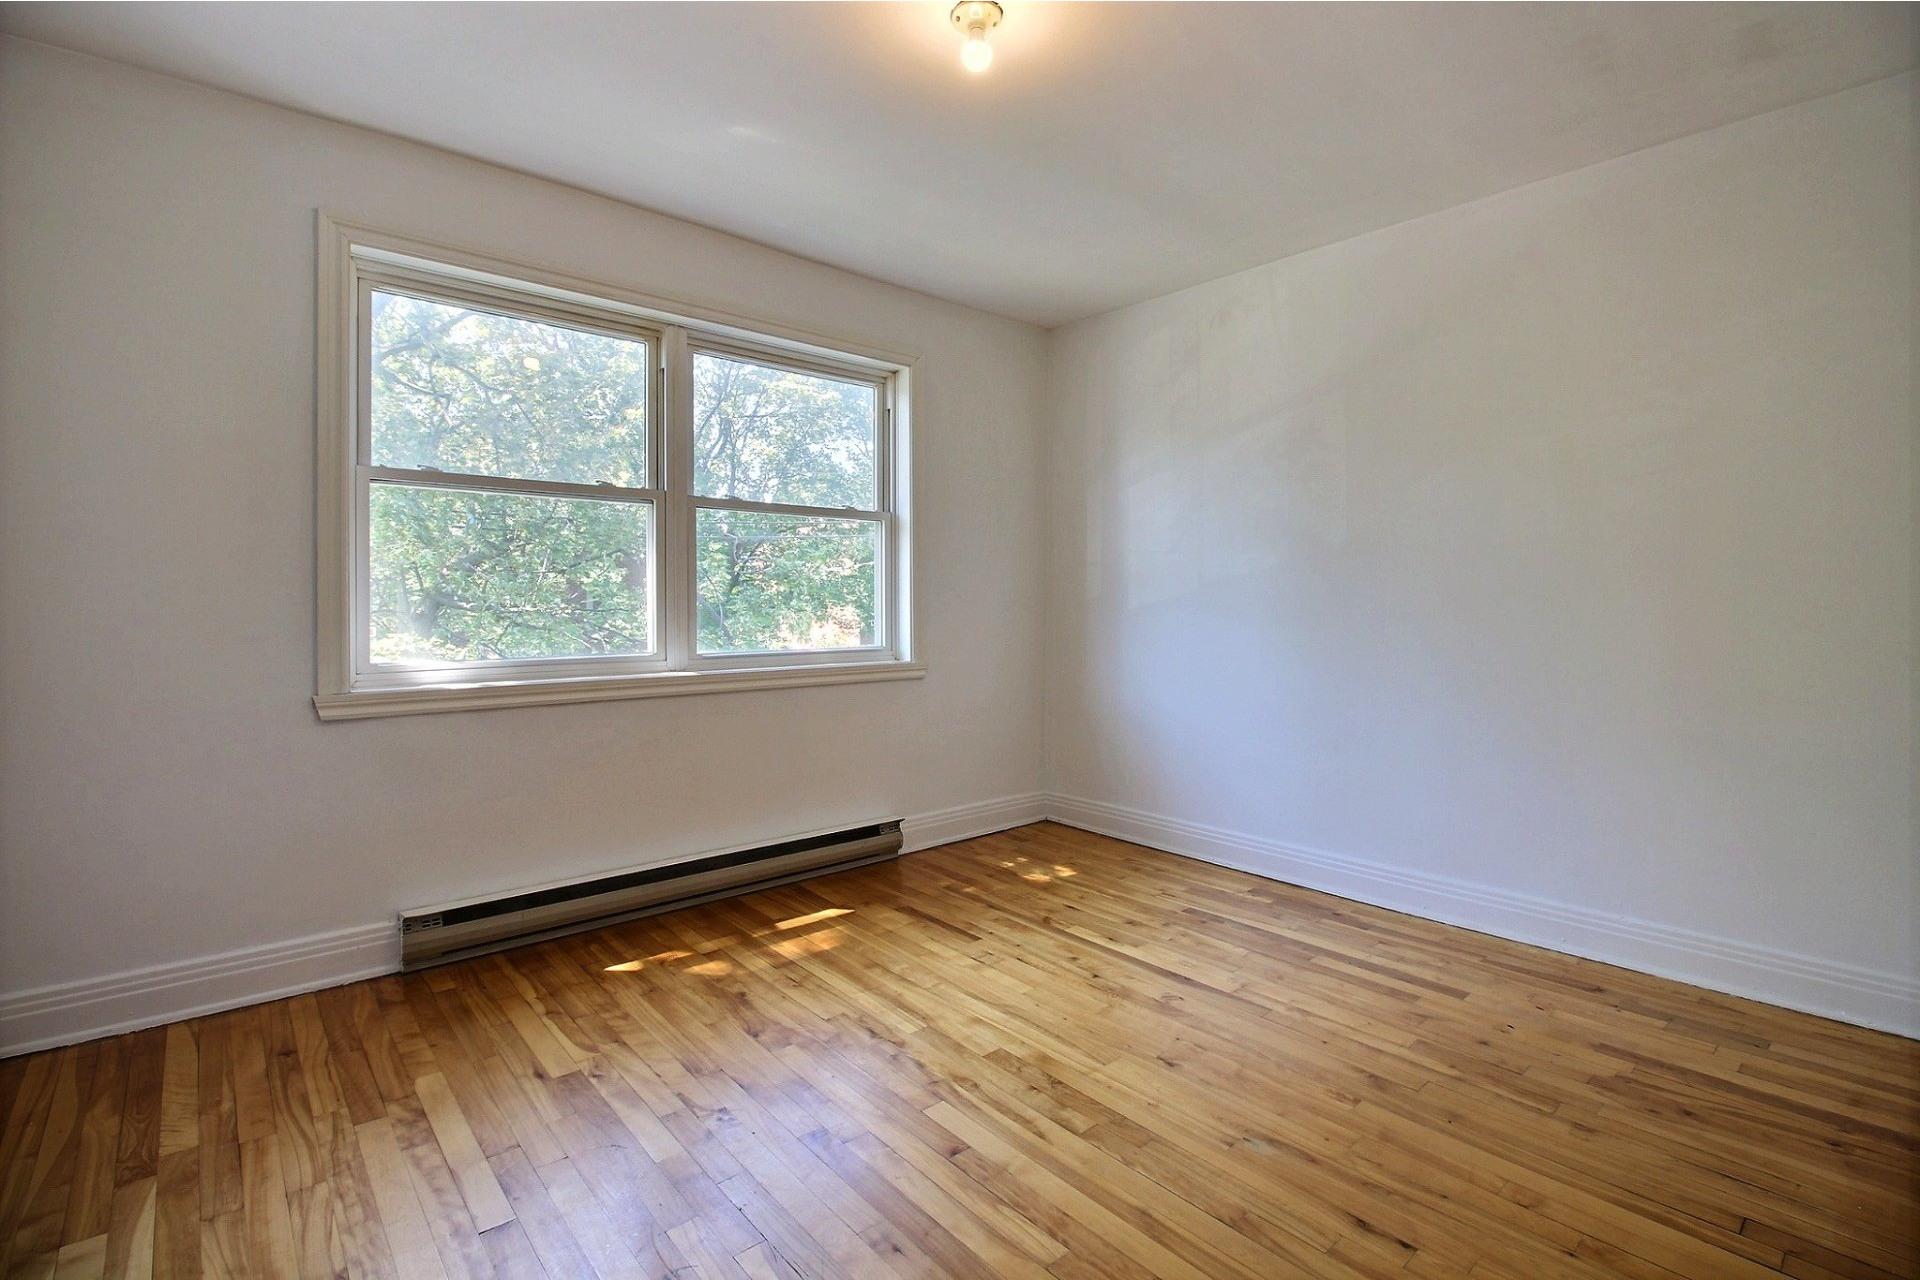 image 10 - Apartment For rent Rosemont/La Petite-Patrie Montréal  - 5 rooms